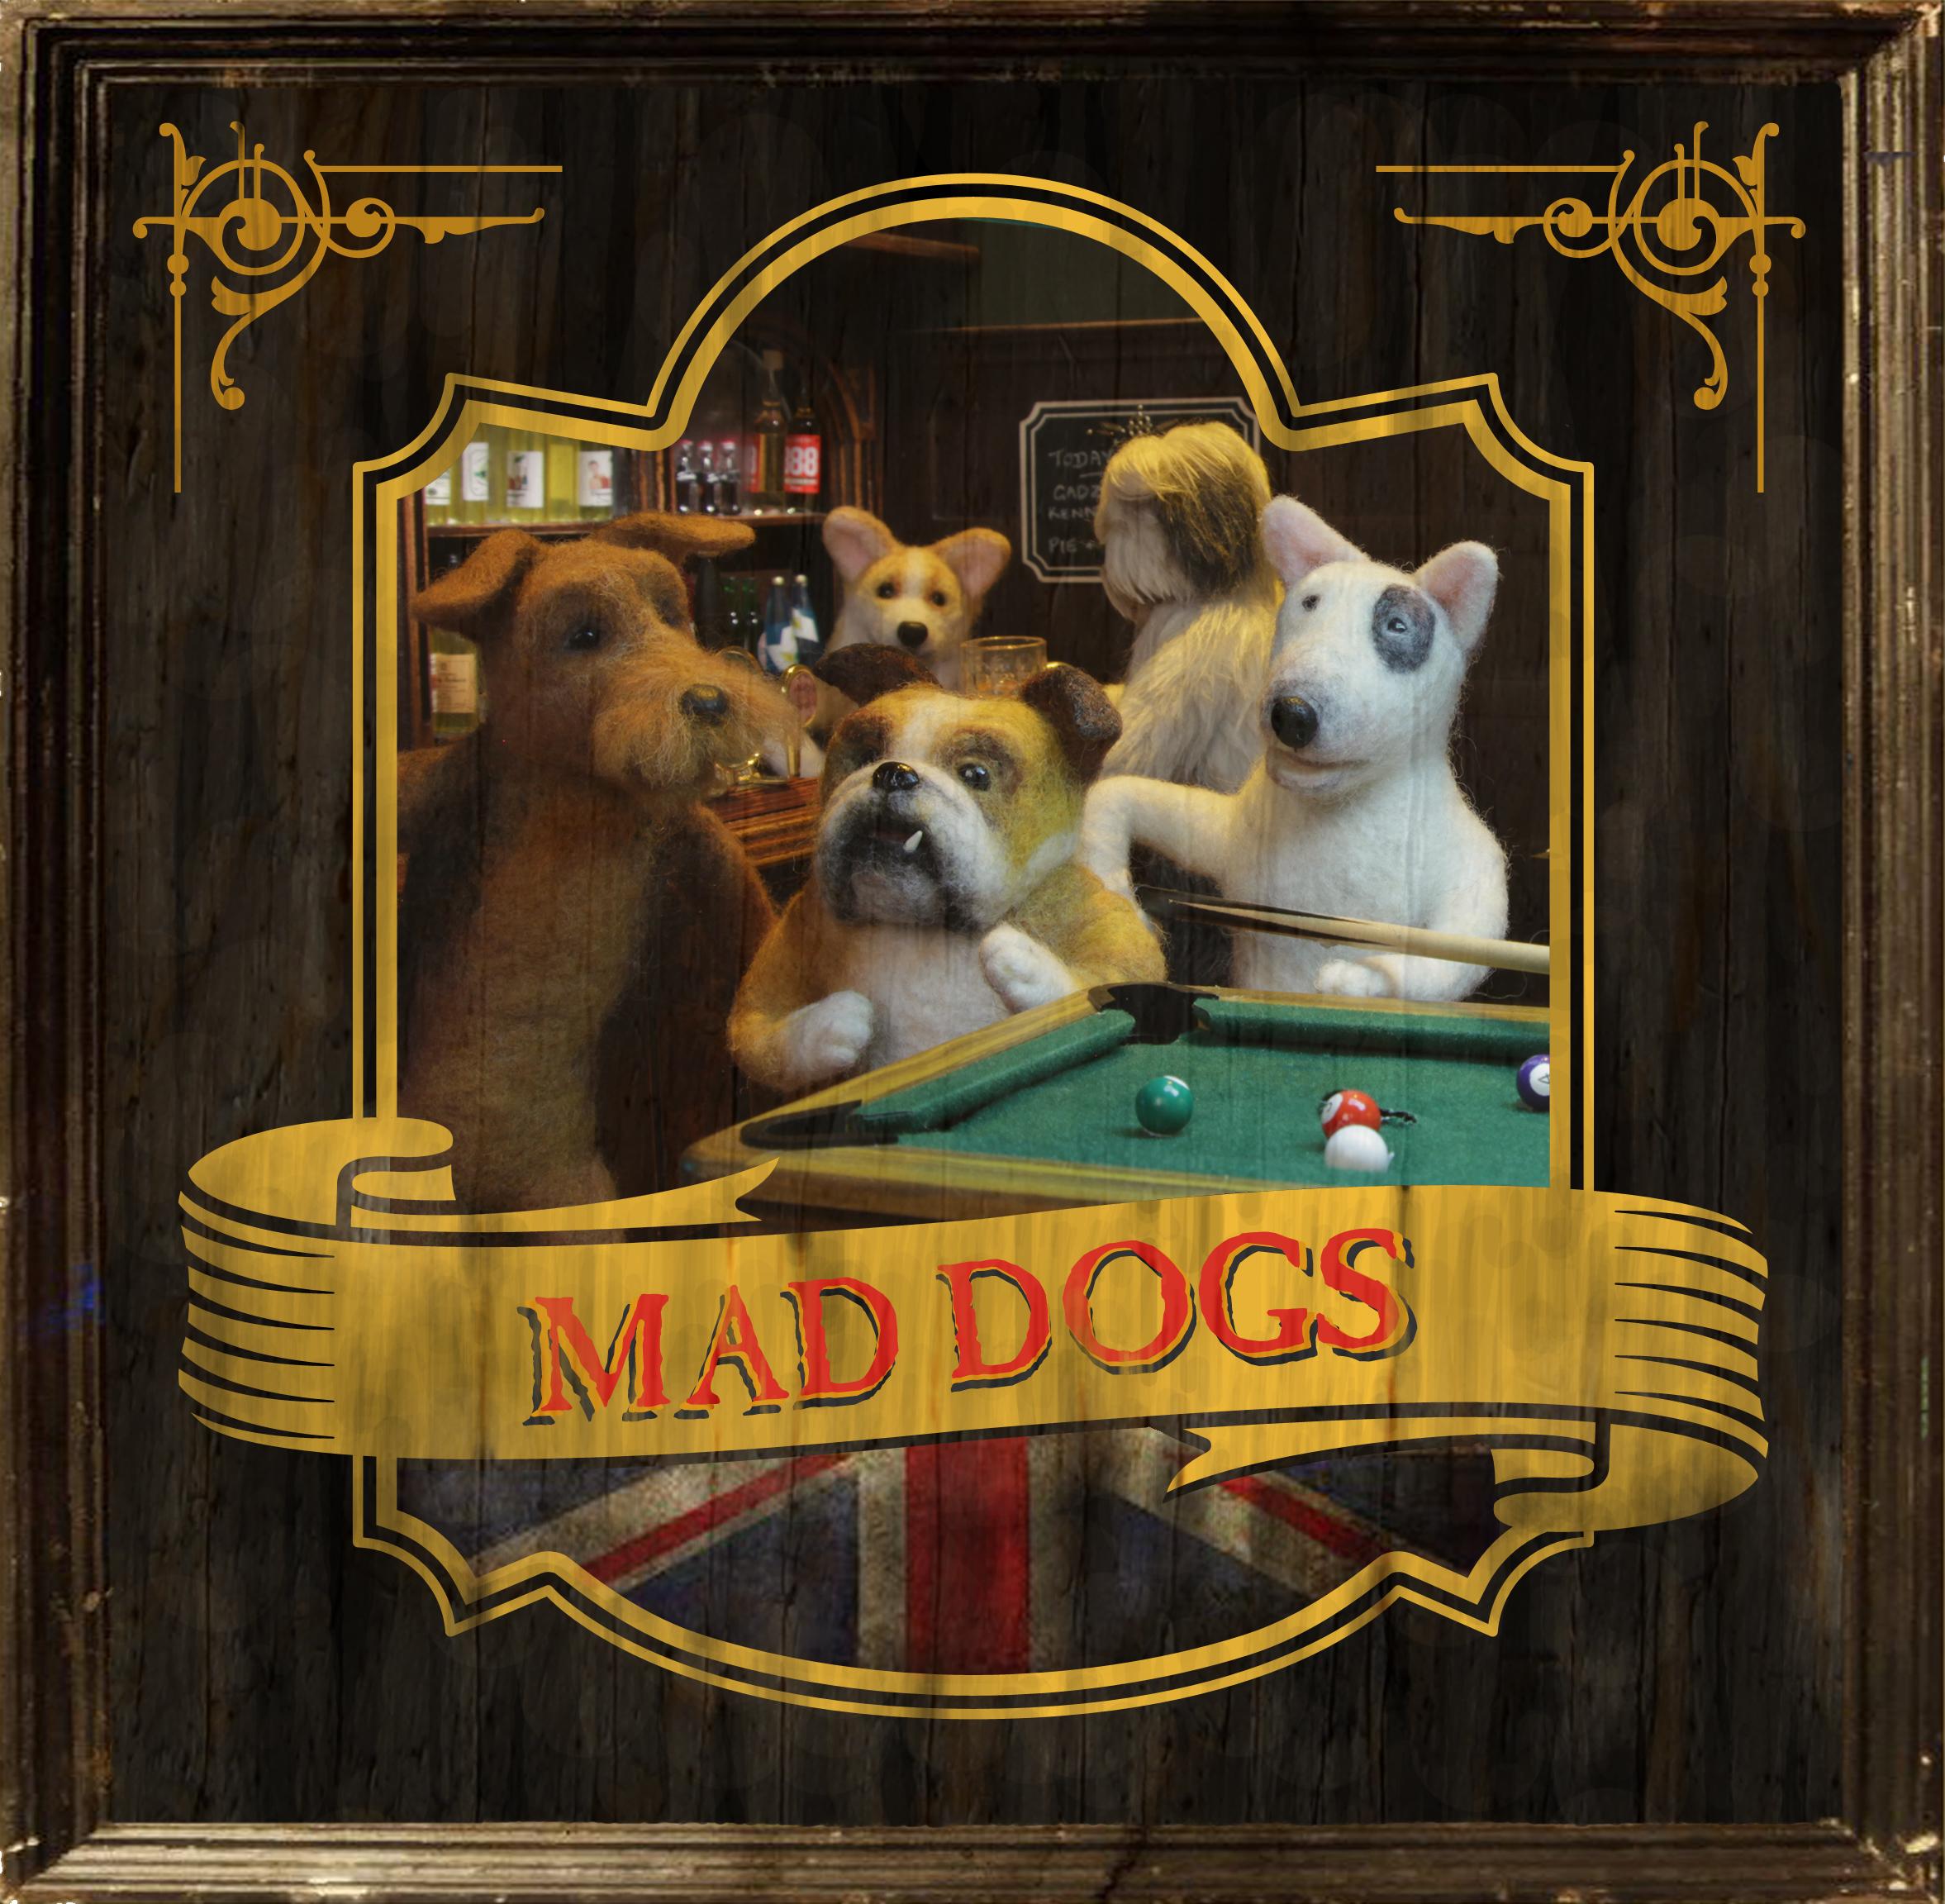 MadDogsPubSign_02.jpg